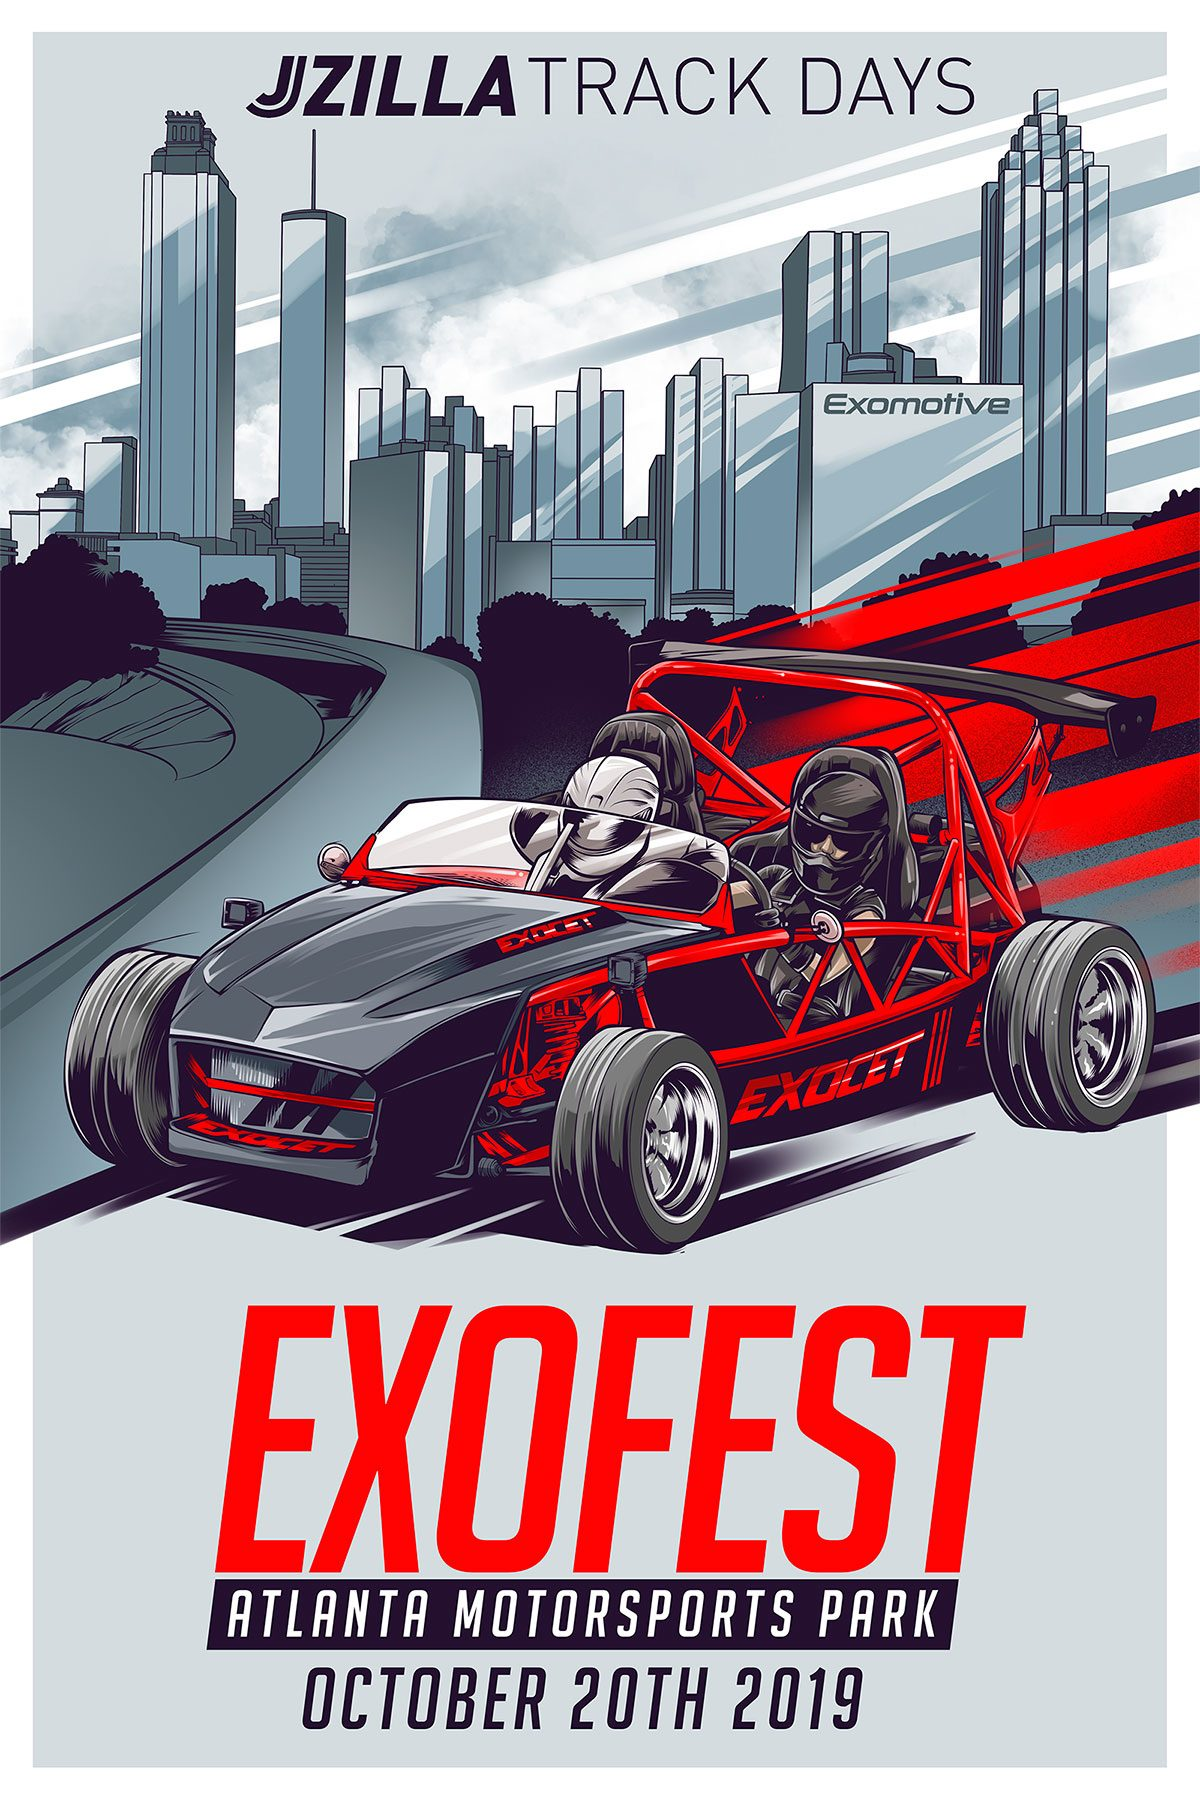 Exofest 2019